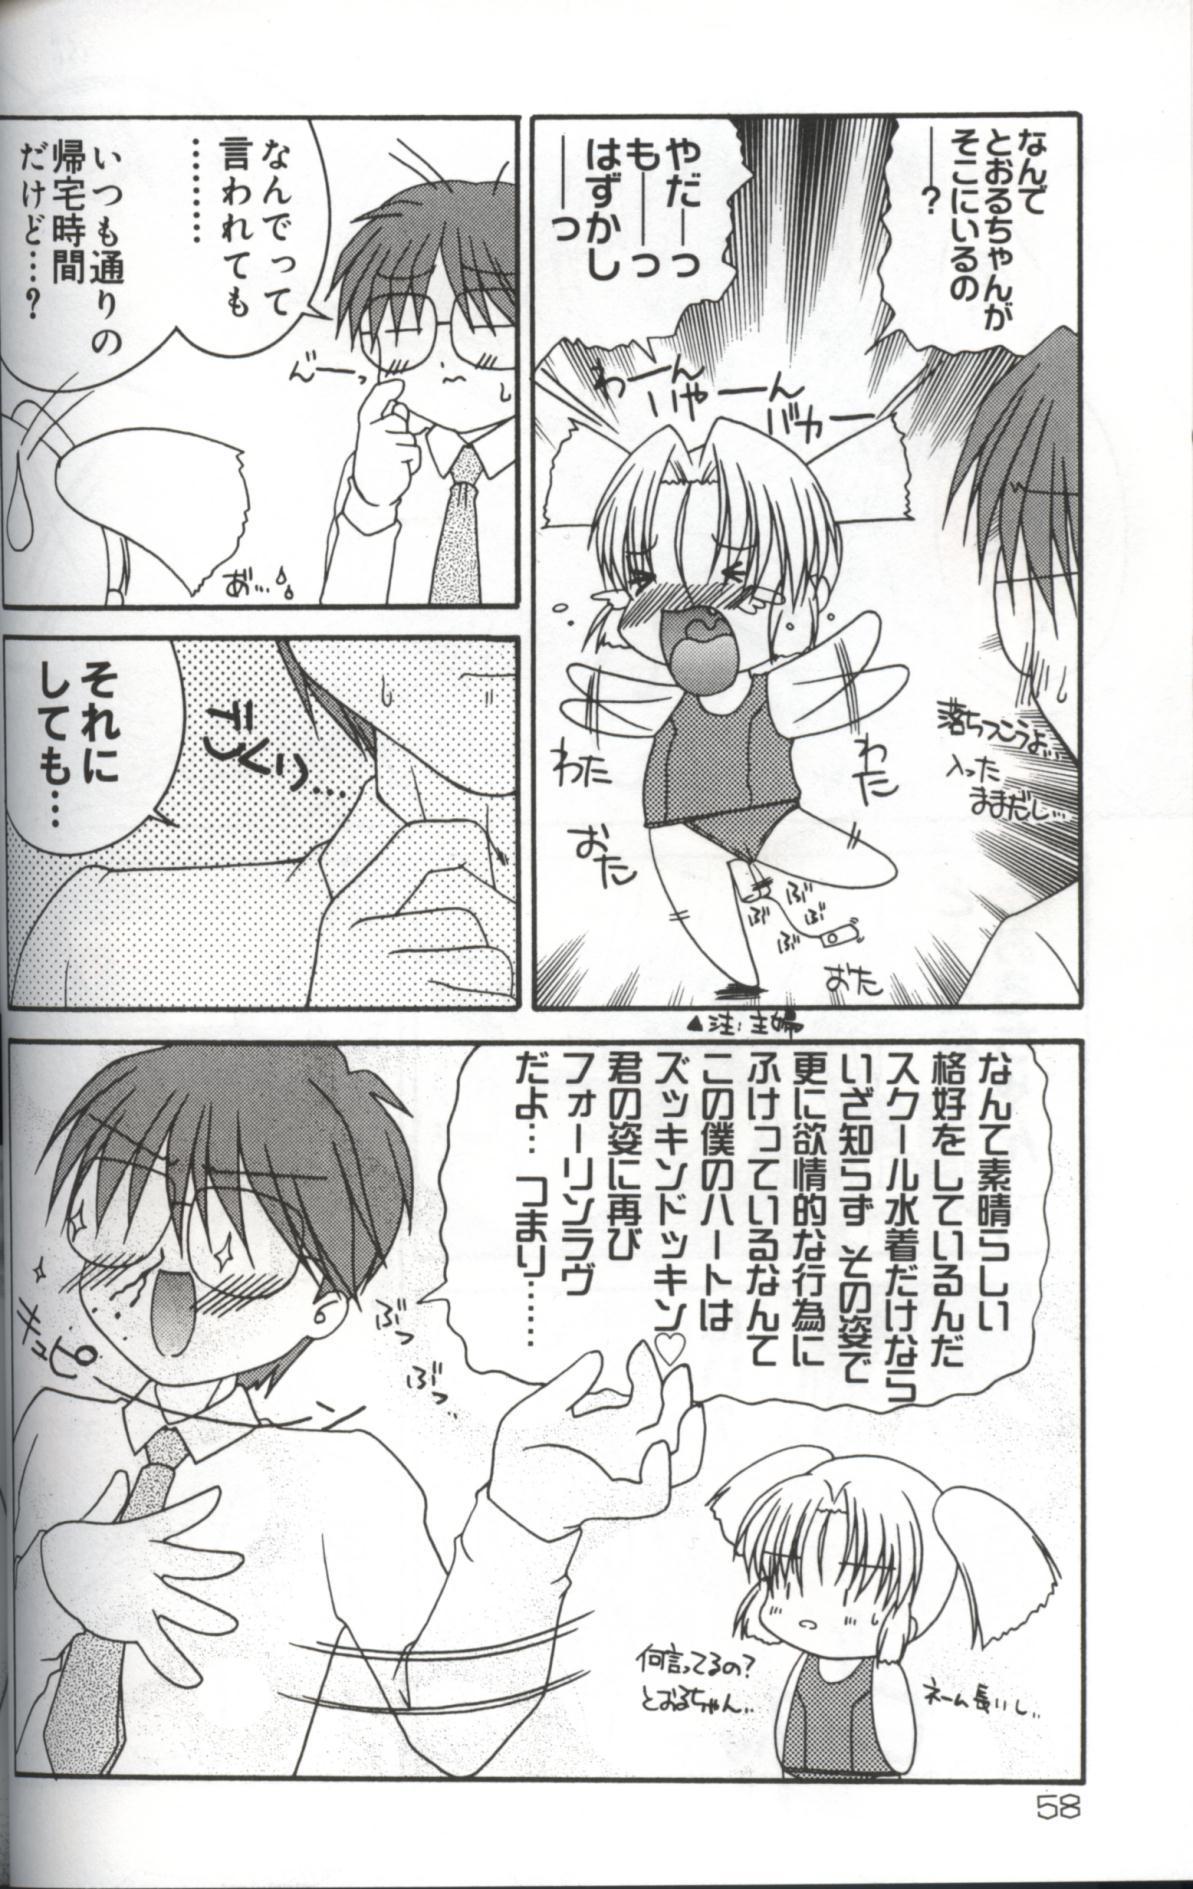 Hatsujou ♡ Oneesama 59